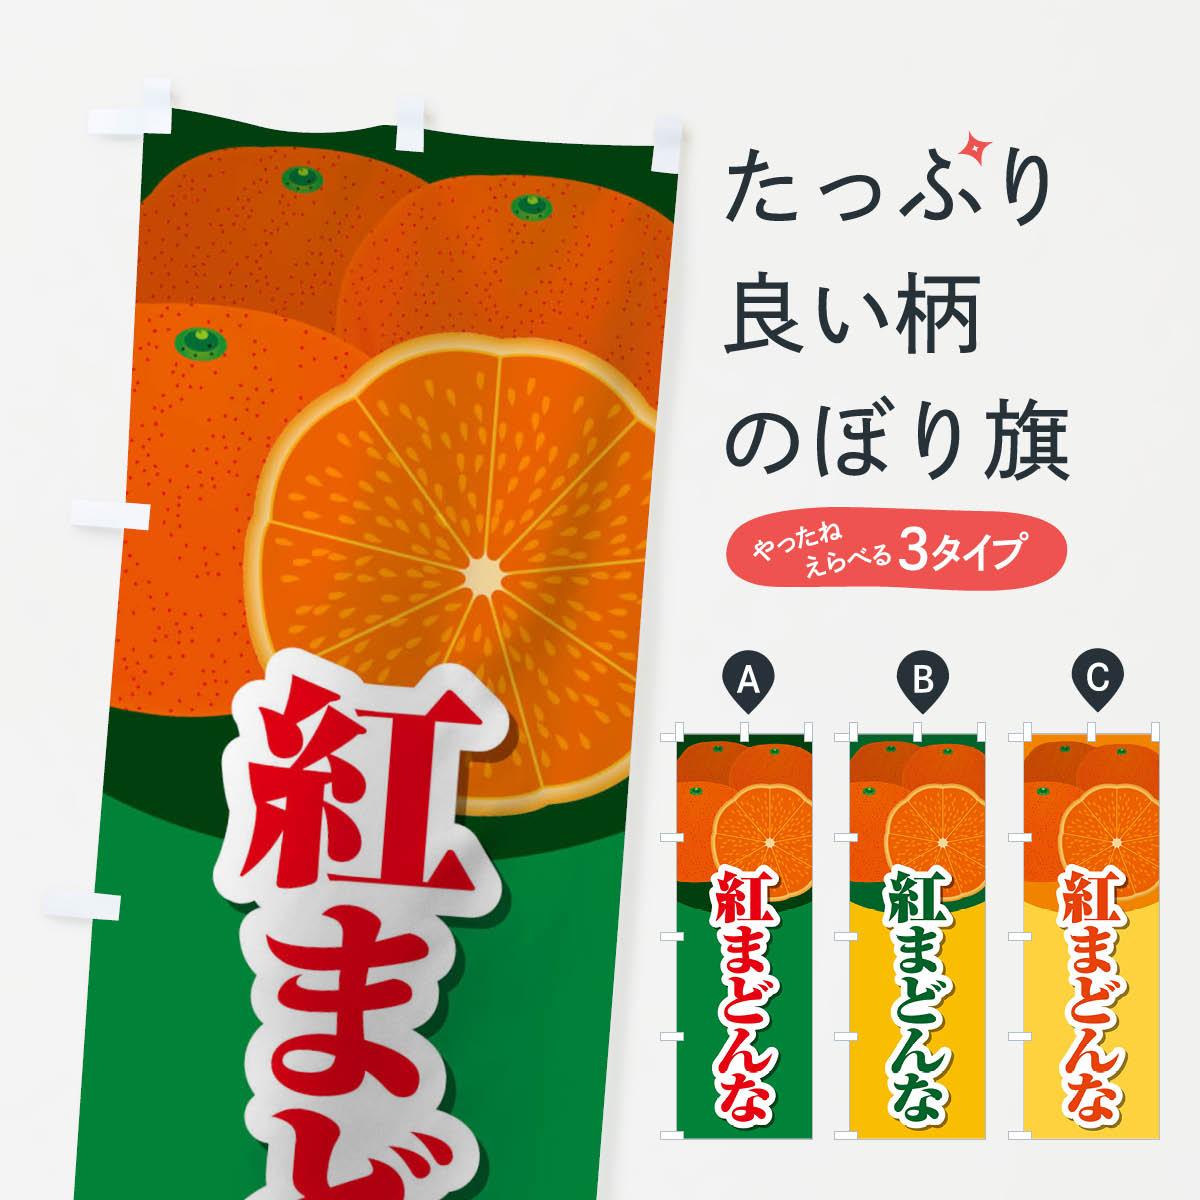 のぼり 横幕 紅まどんな AL完売しました。 完売 低価格に対して高品質とデザイン性で選ばれてます 各サイズや仕様にも対応 ネコポス送料360 柑橘類 2187 みかん 紅まどんなのぼり のぼり旗